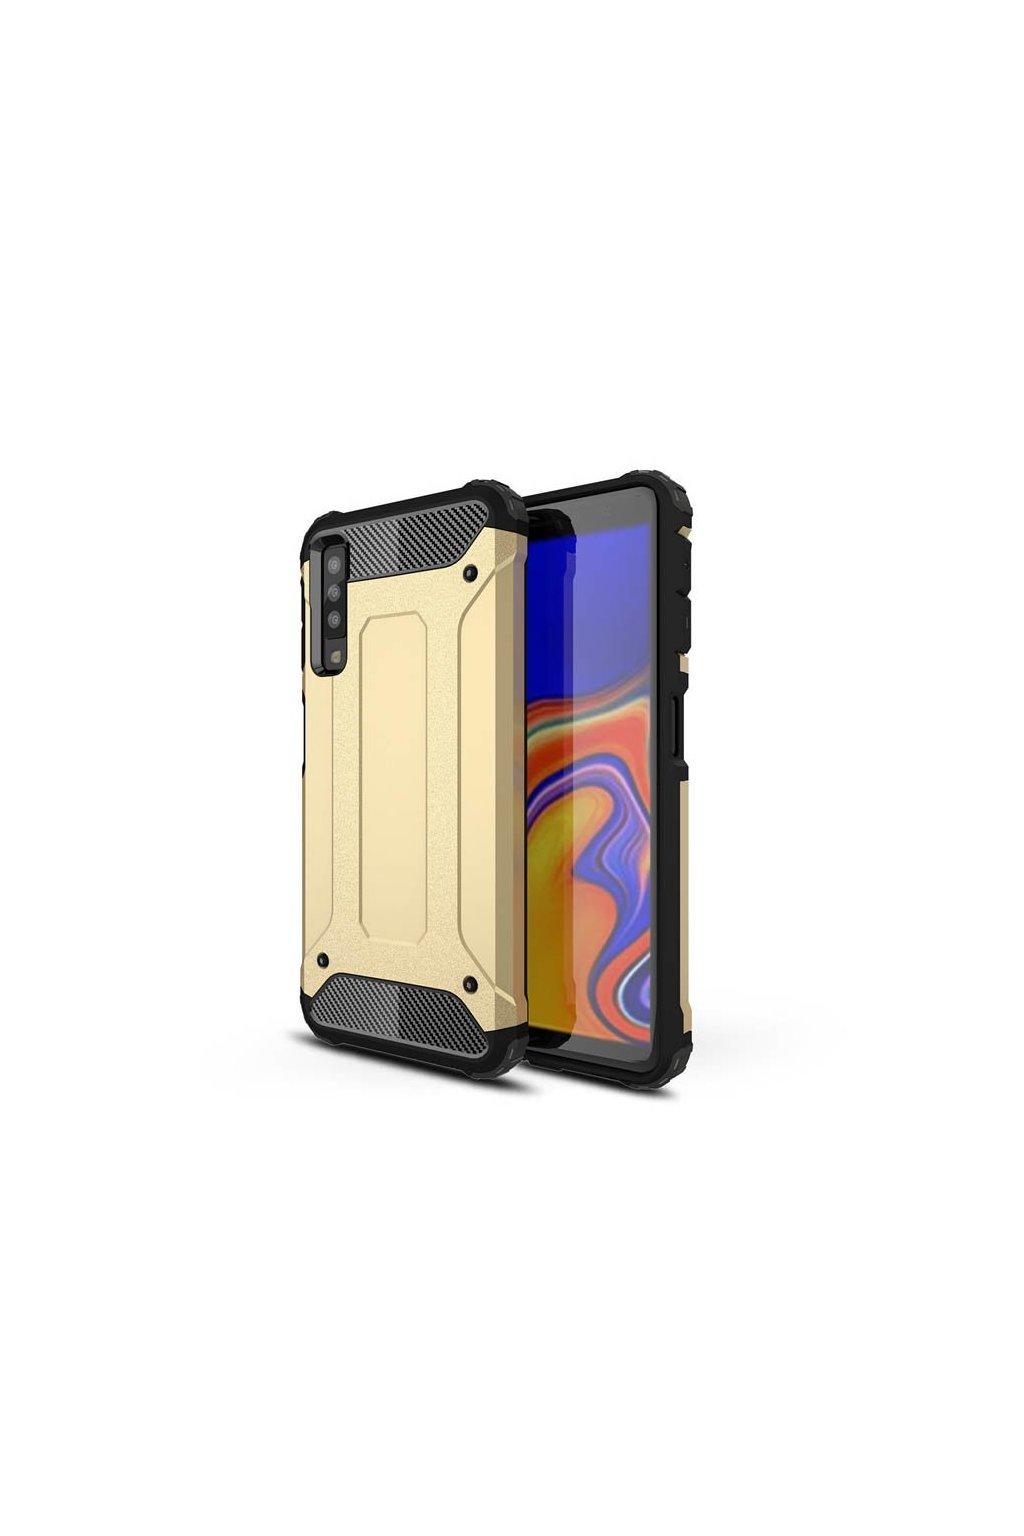 eng pl Hybrid Armor Case Tough Rugged Cover for Samsung Galaxy A7 2018 A750 golden 45730 1